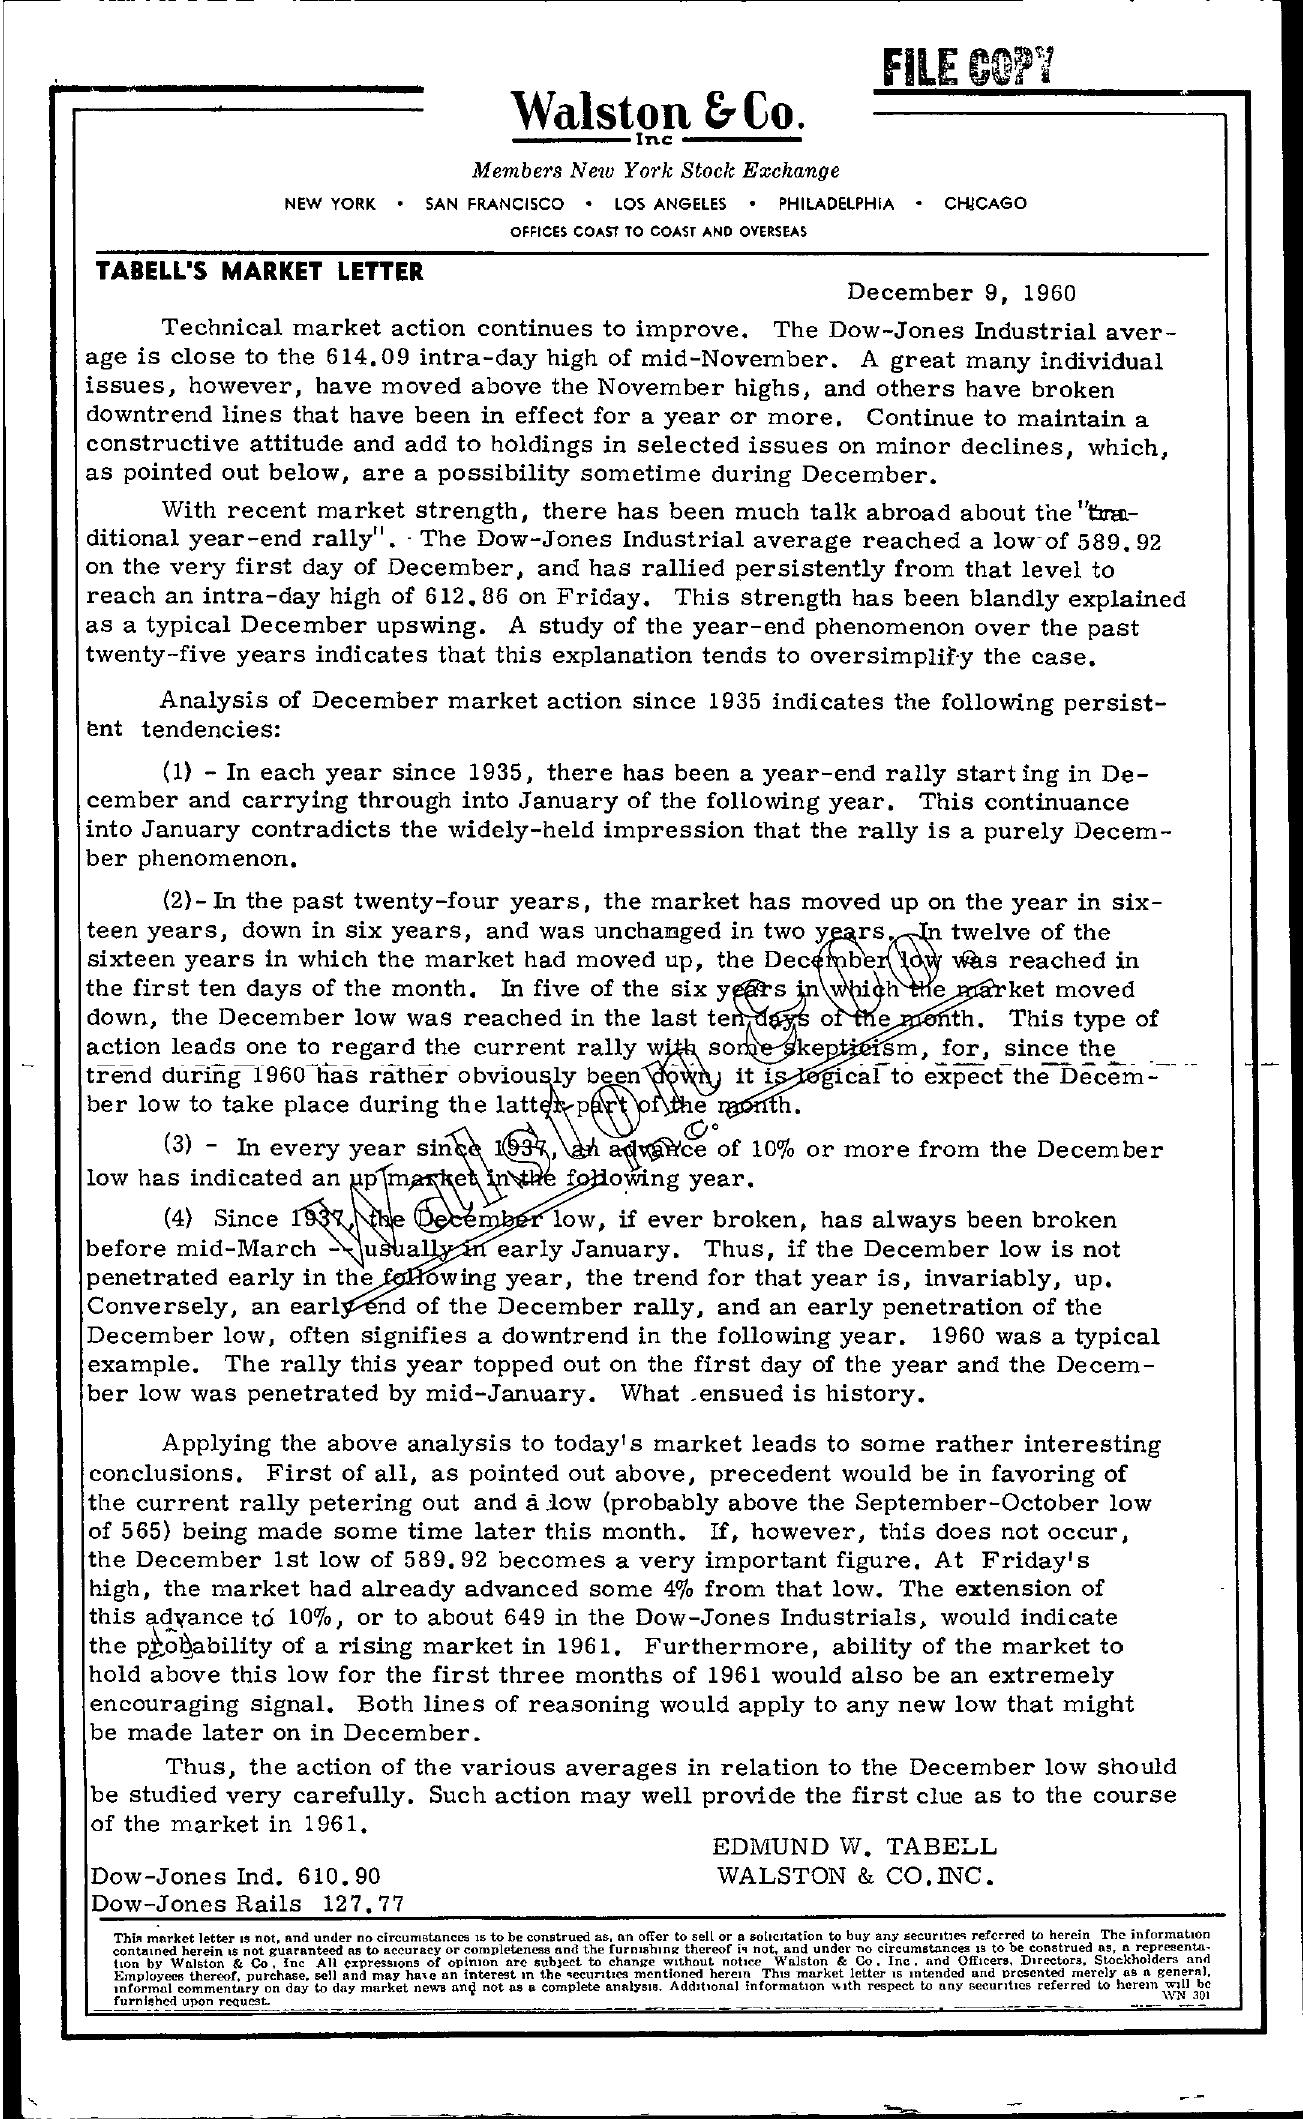 Tabell's Market Letter - December 09, 1960